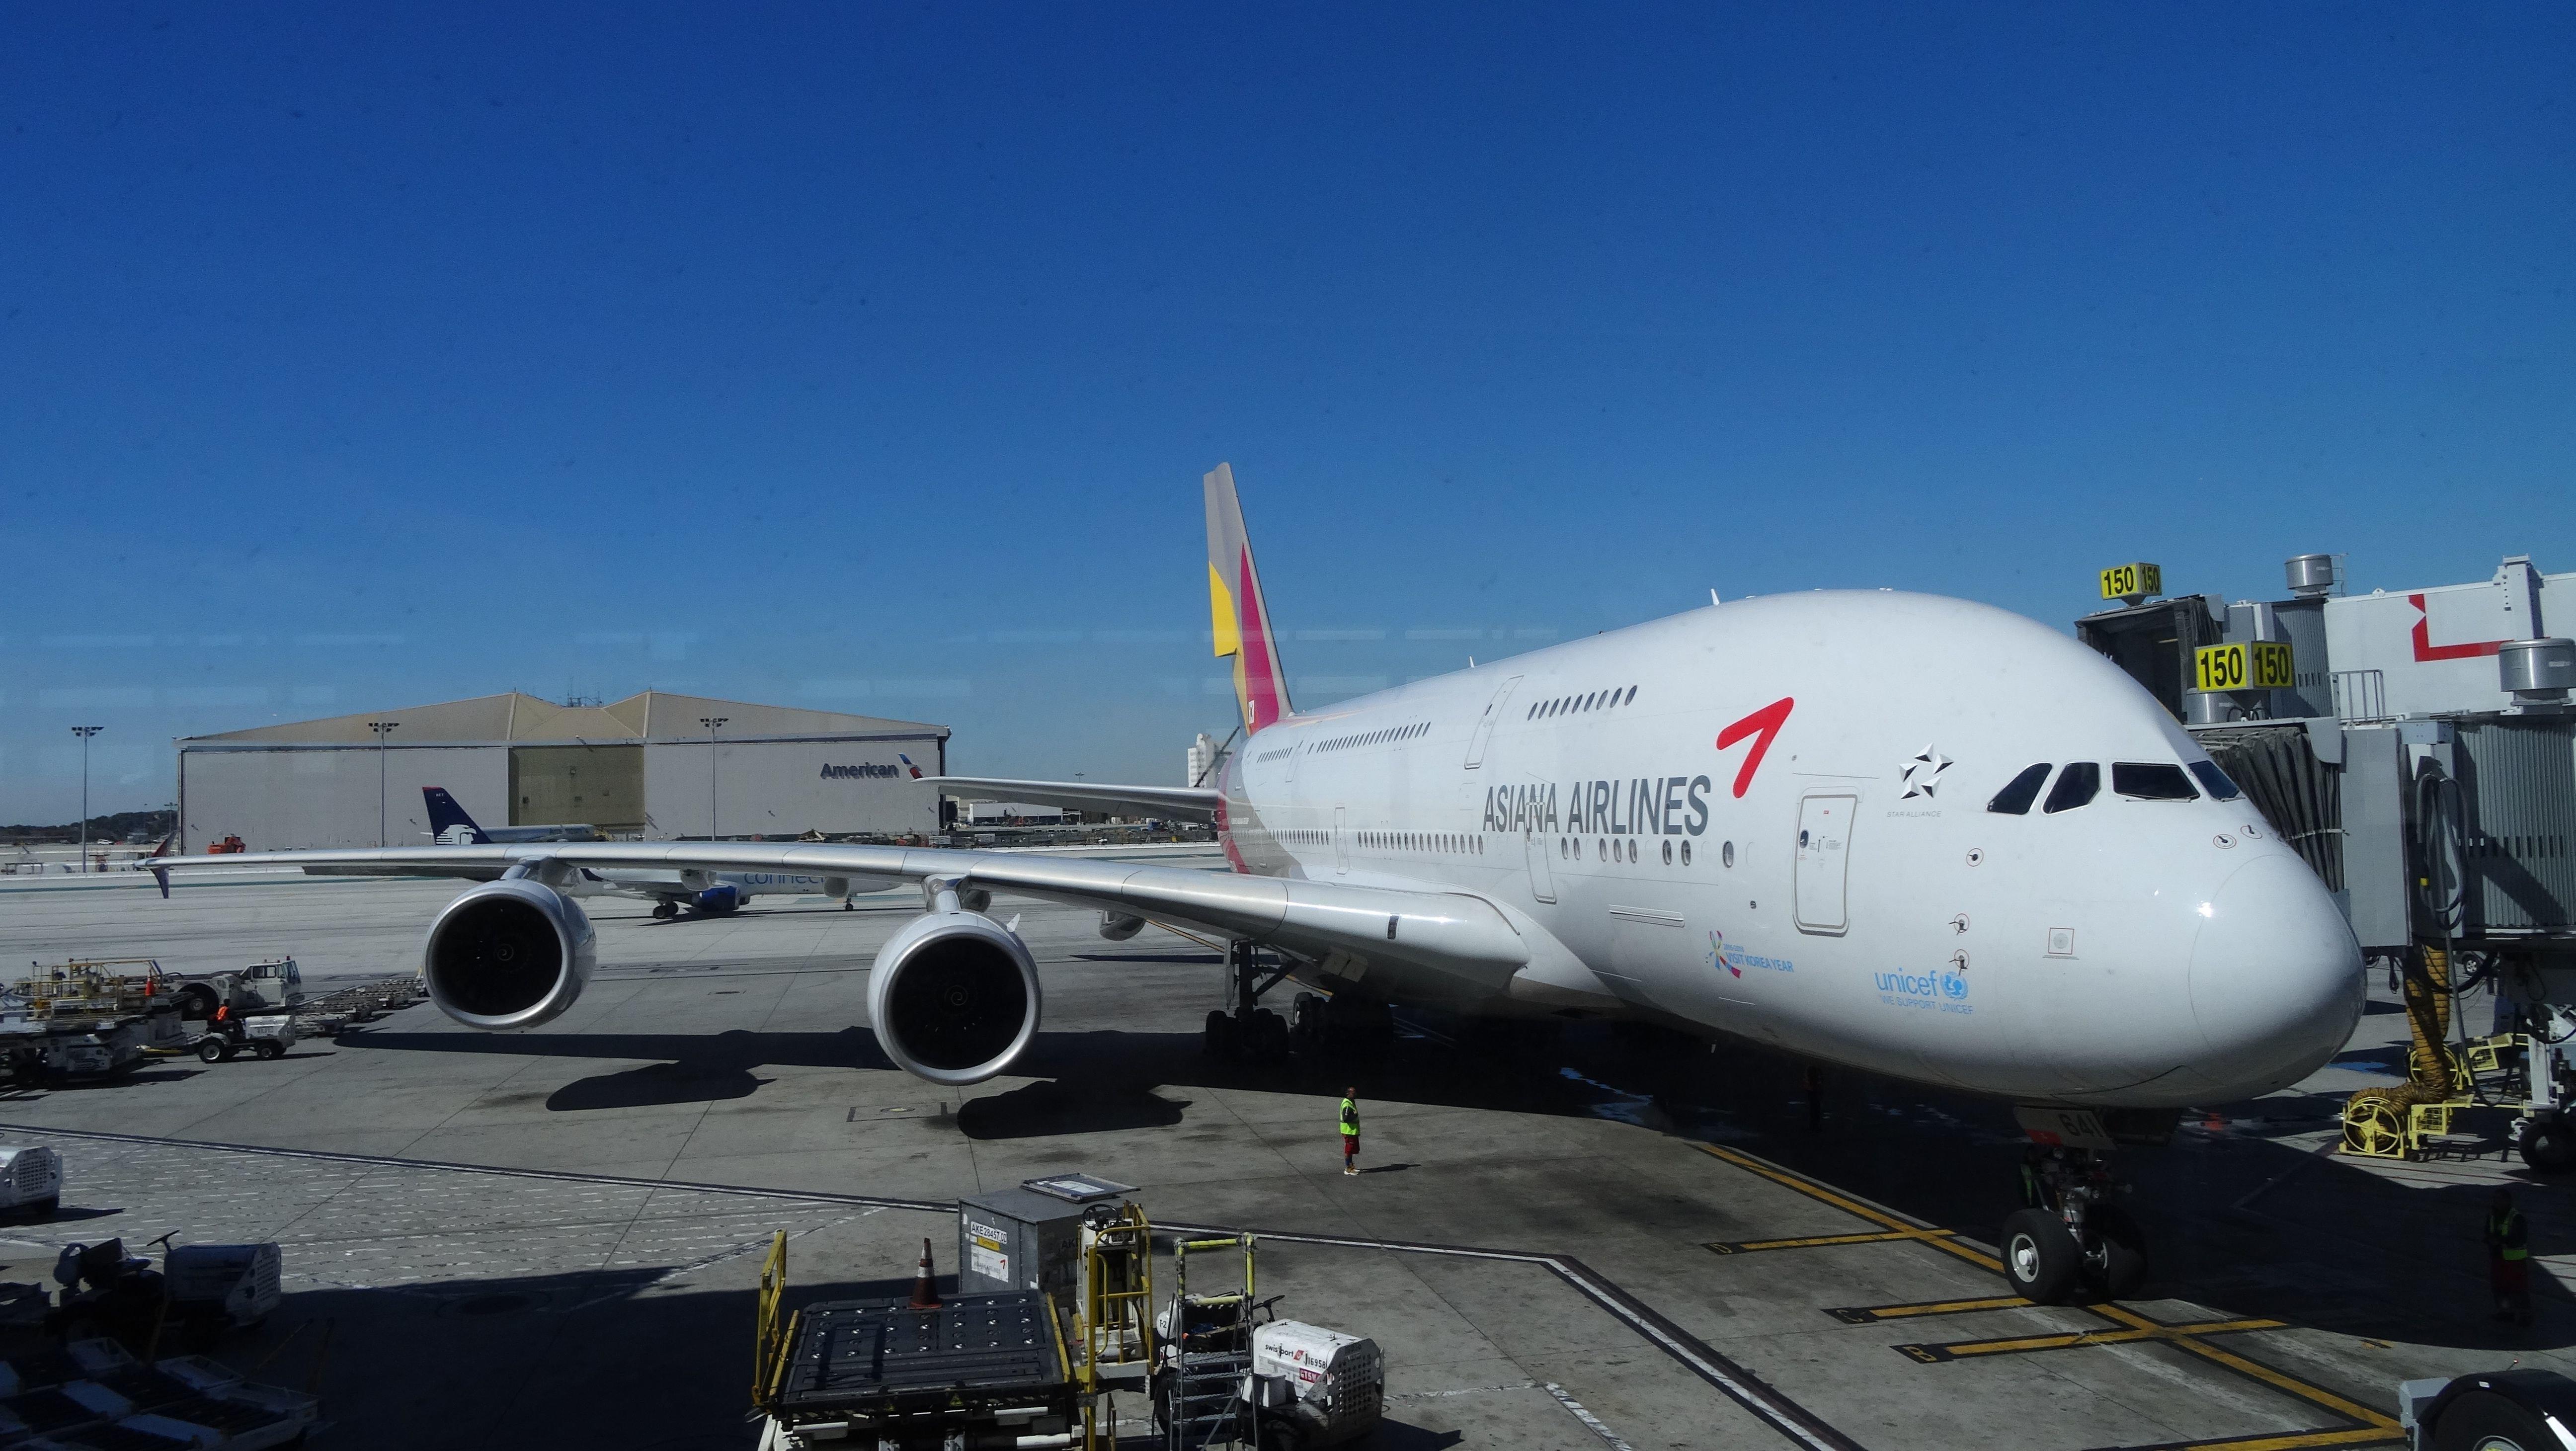 아시아나에서 '밥 없는' 비행기가 줄줄이 이륙하고 있다